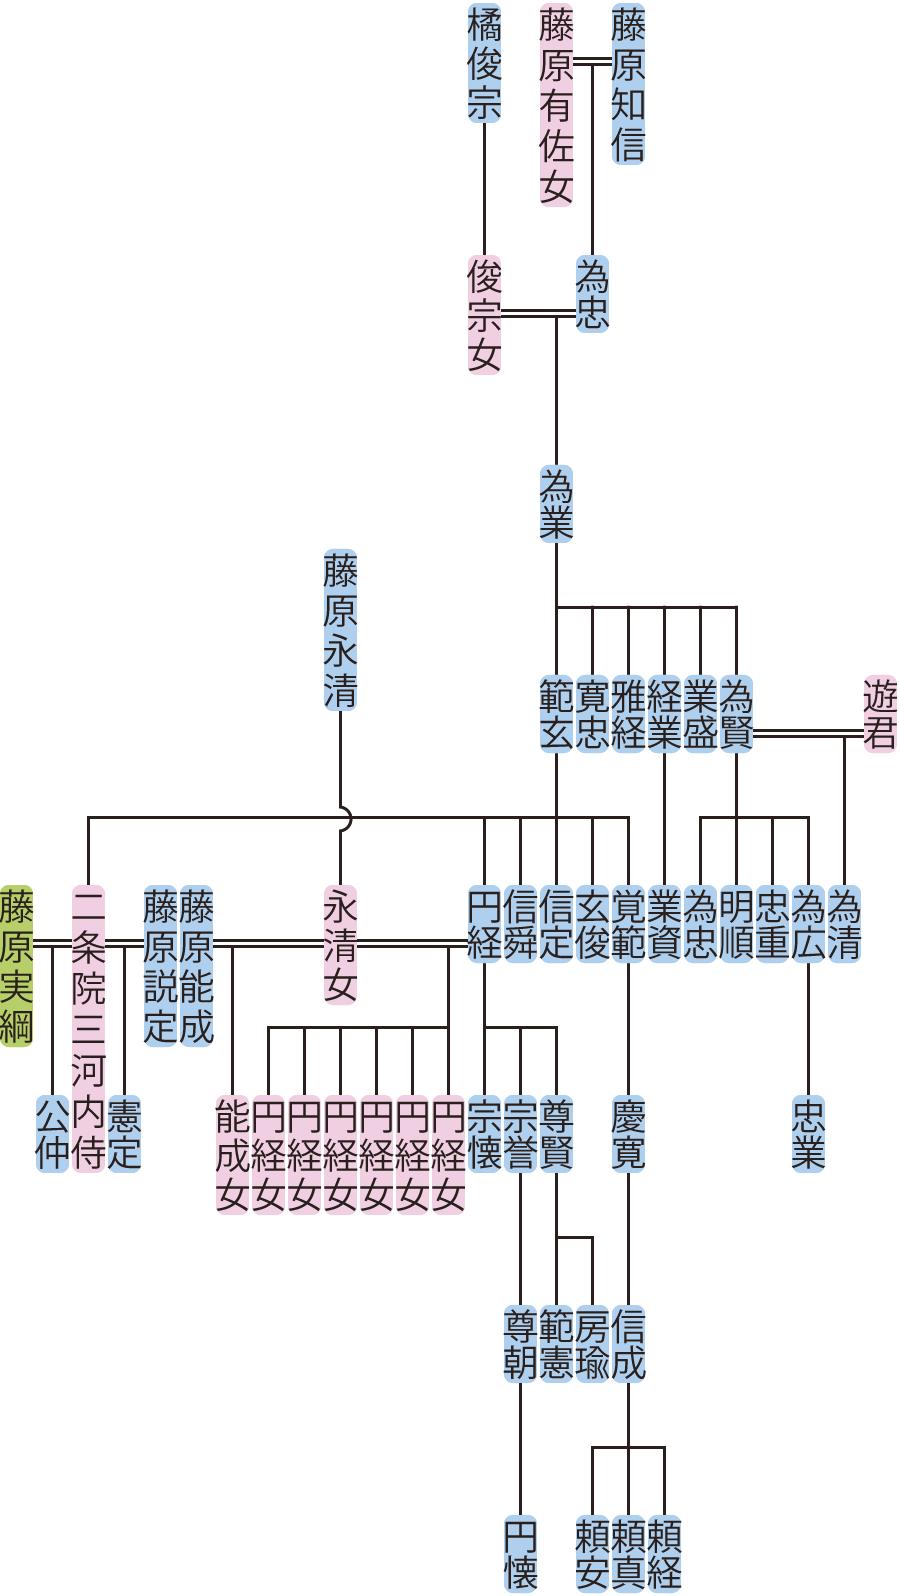 藤原為業の系図